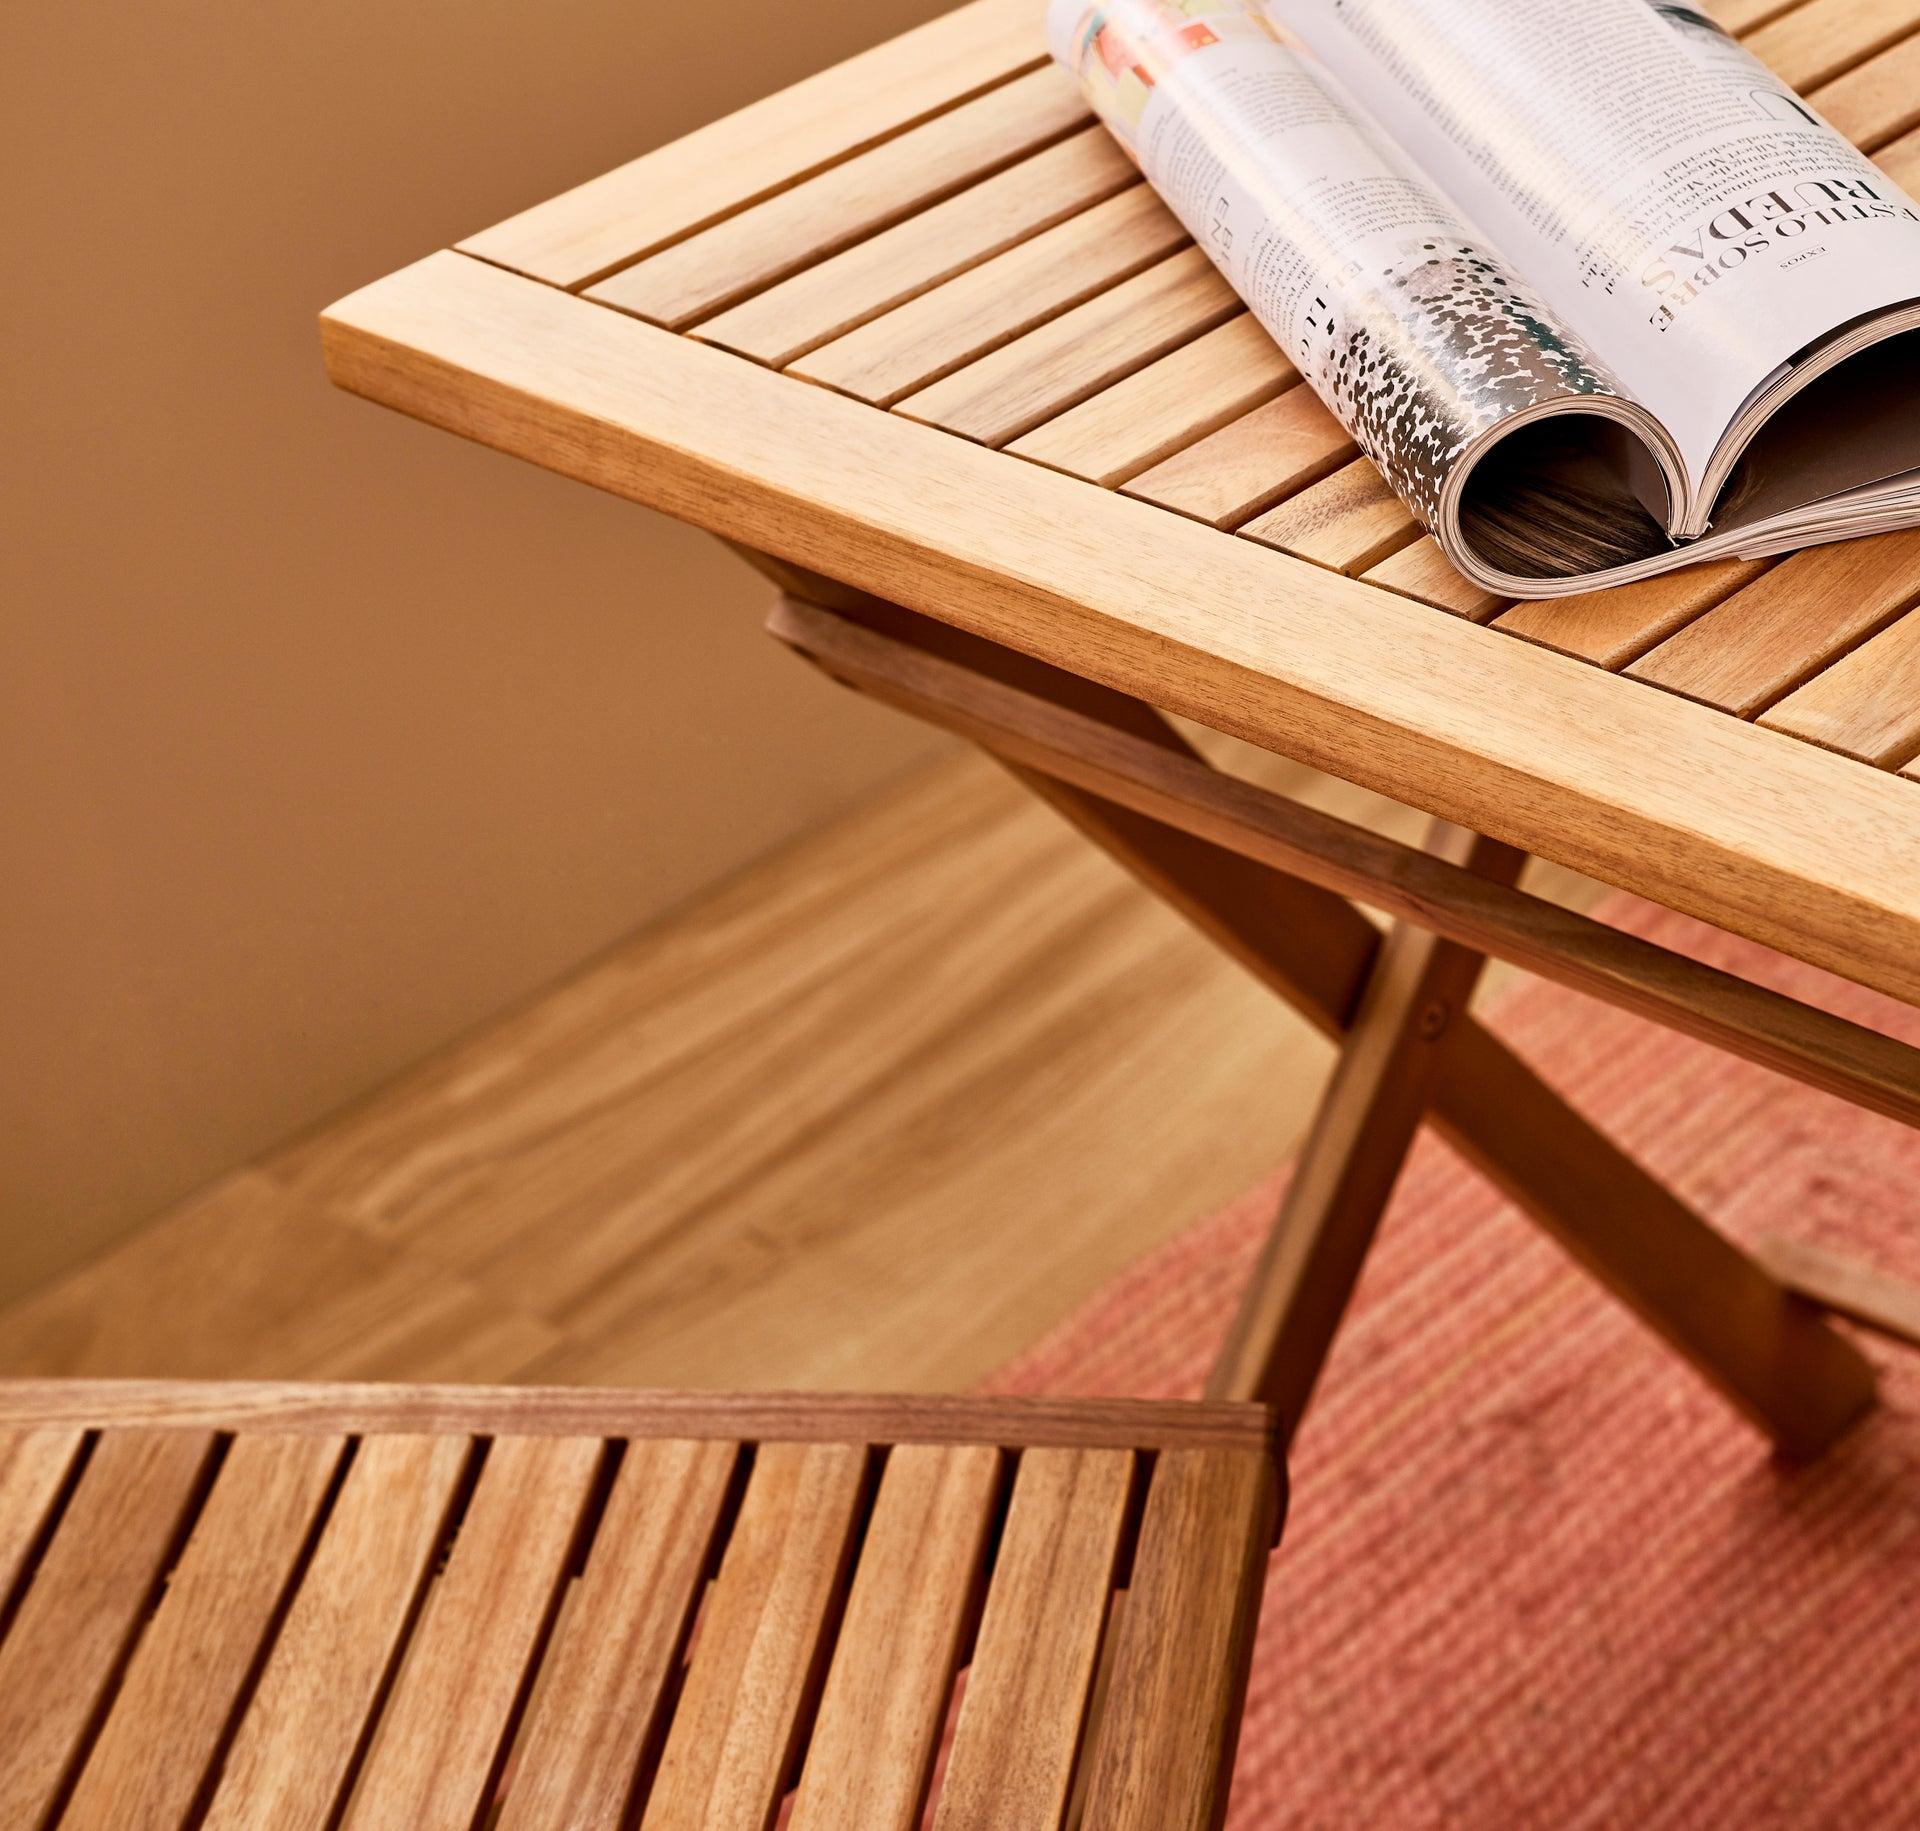 Tavolo da giardino rettangolare Solis NATERIAL con piano in legno L 70 x P 114 cm - 18